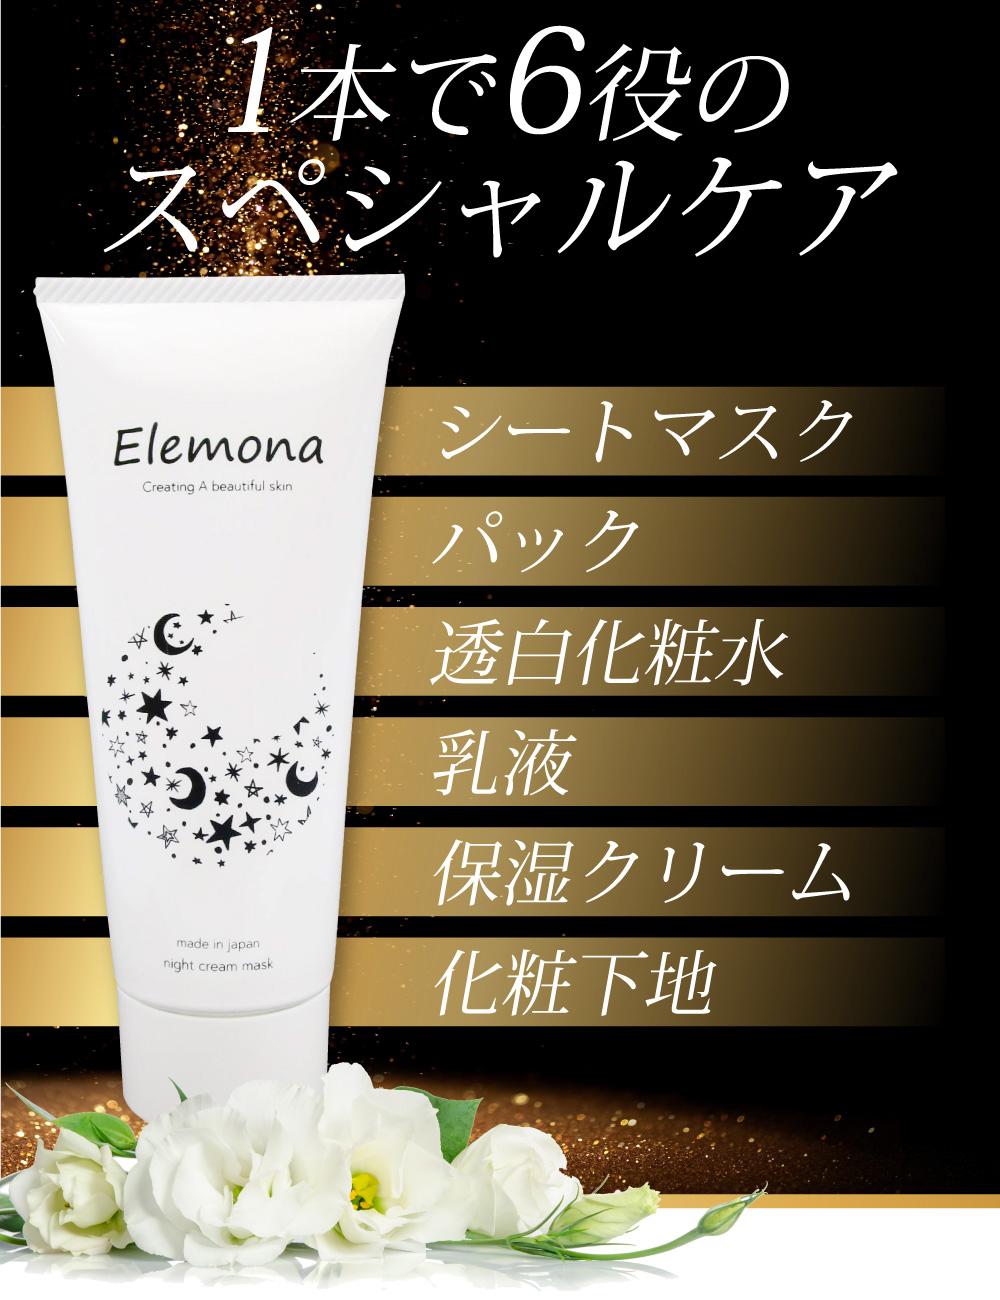 エレモナナイトクリームマスク